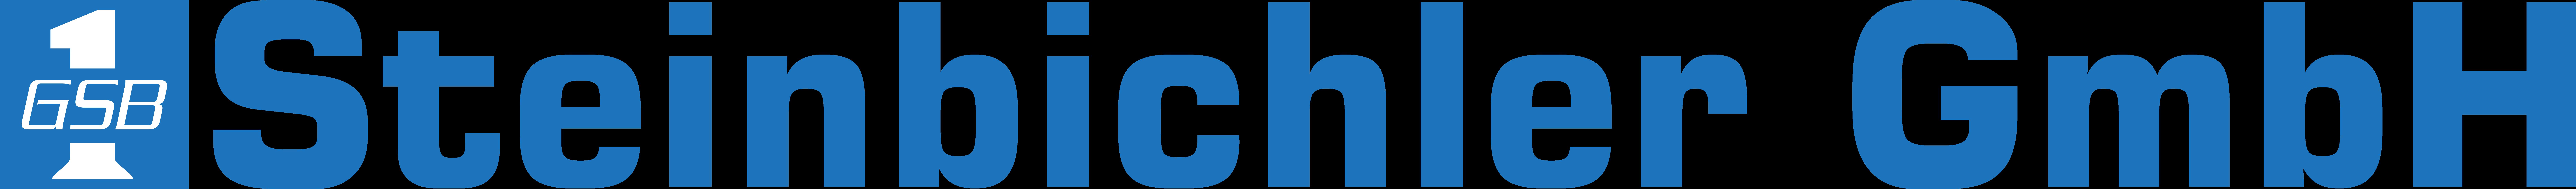 GSB1 Steinbichler GmbH